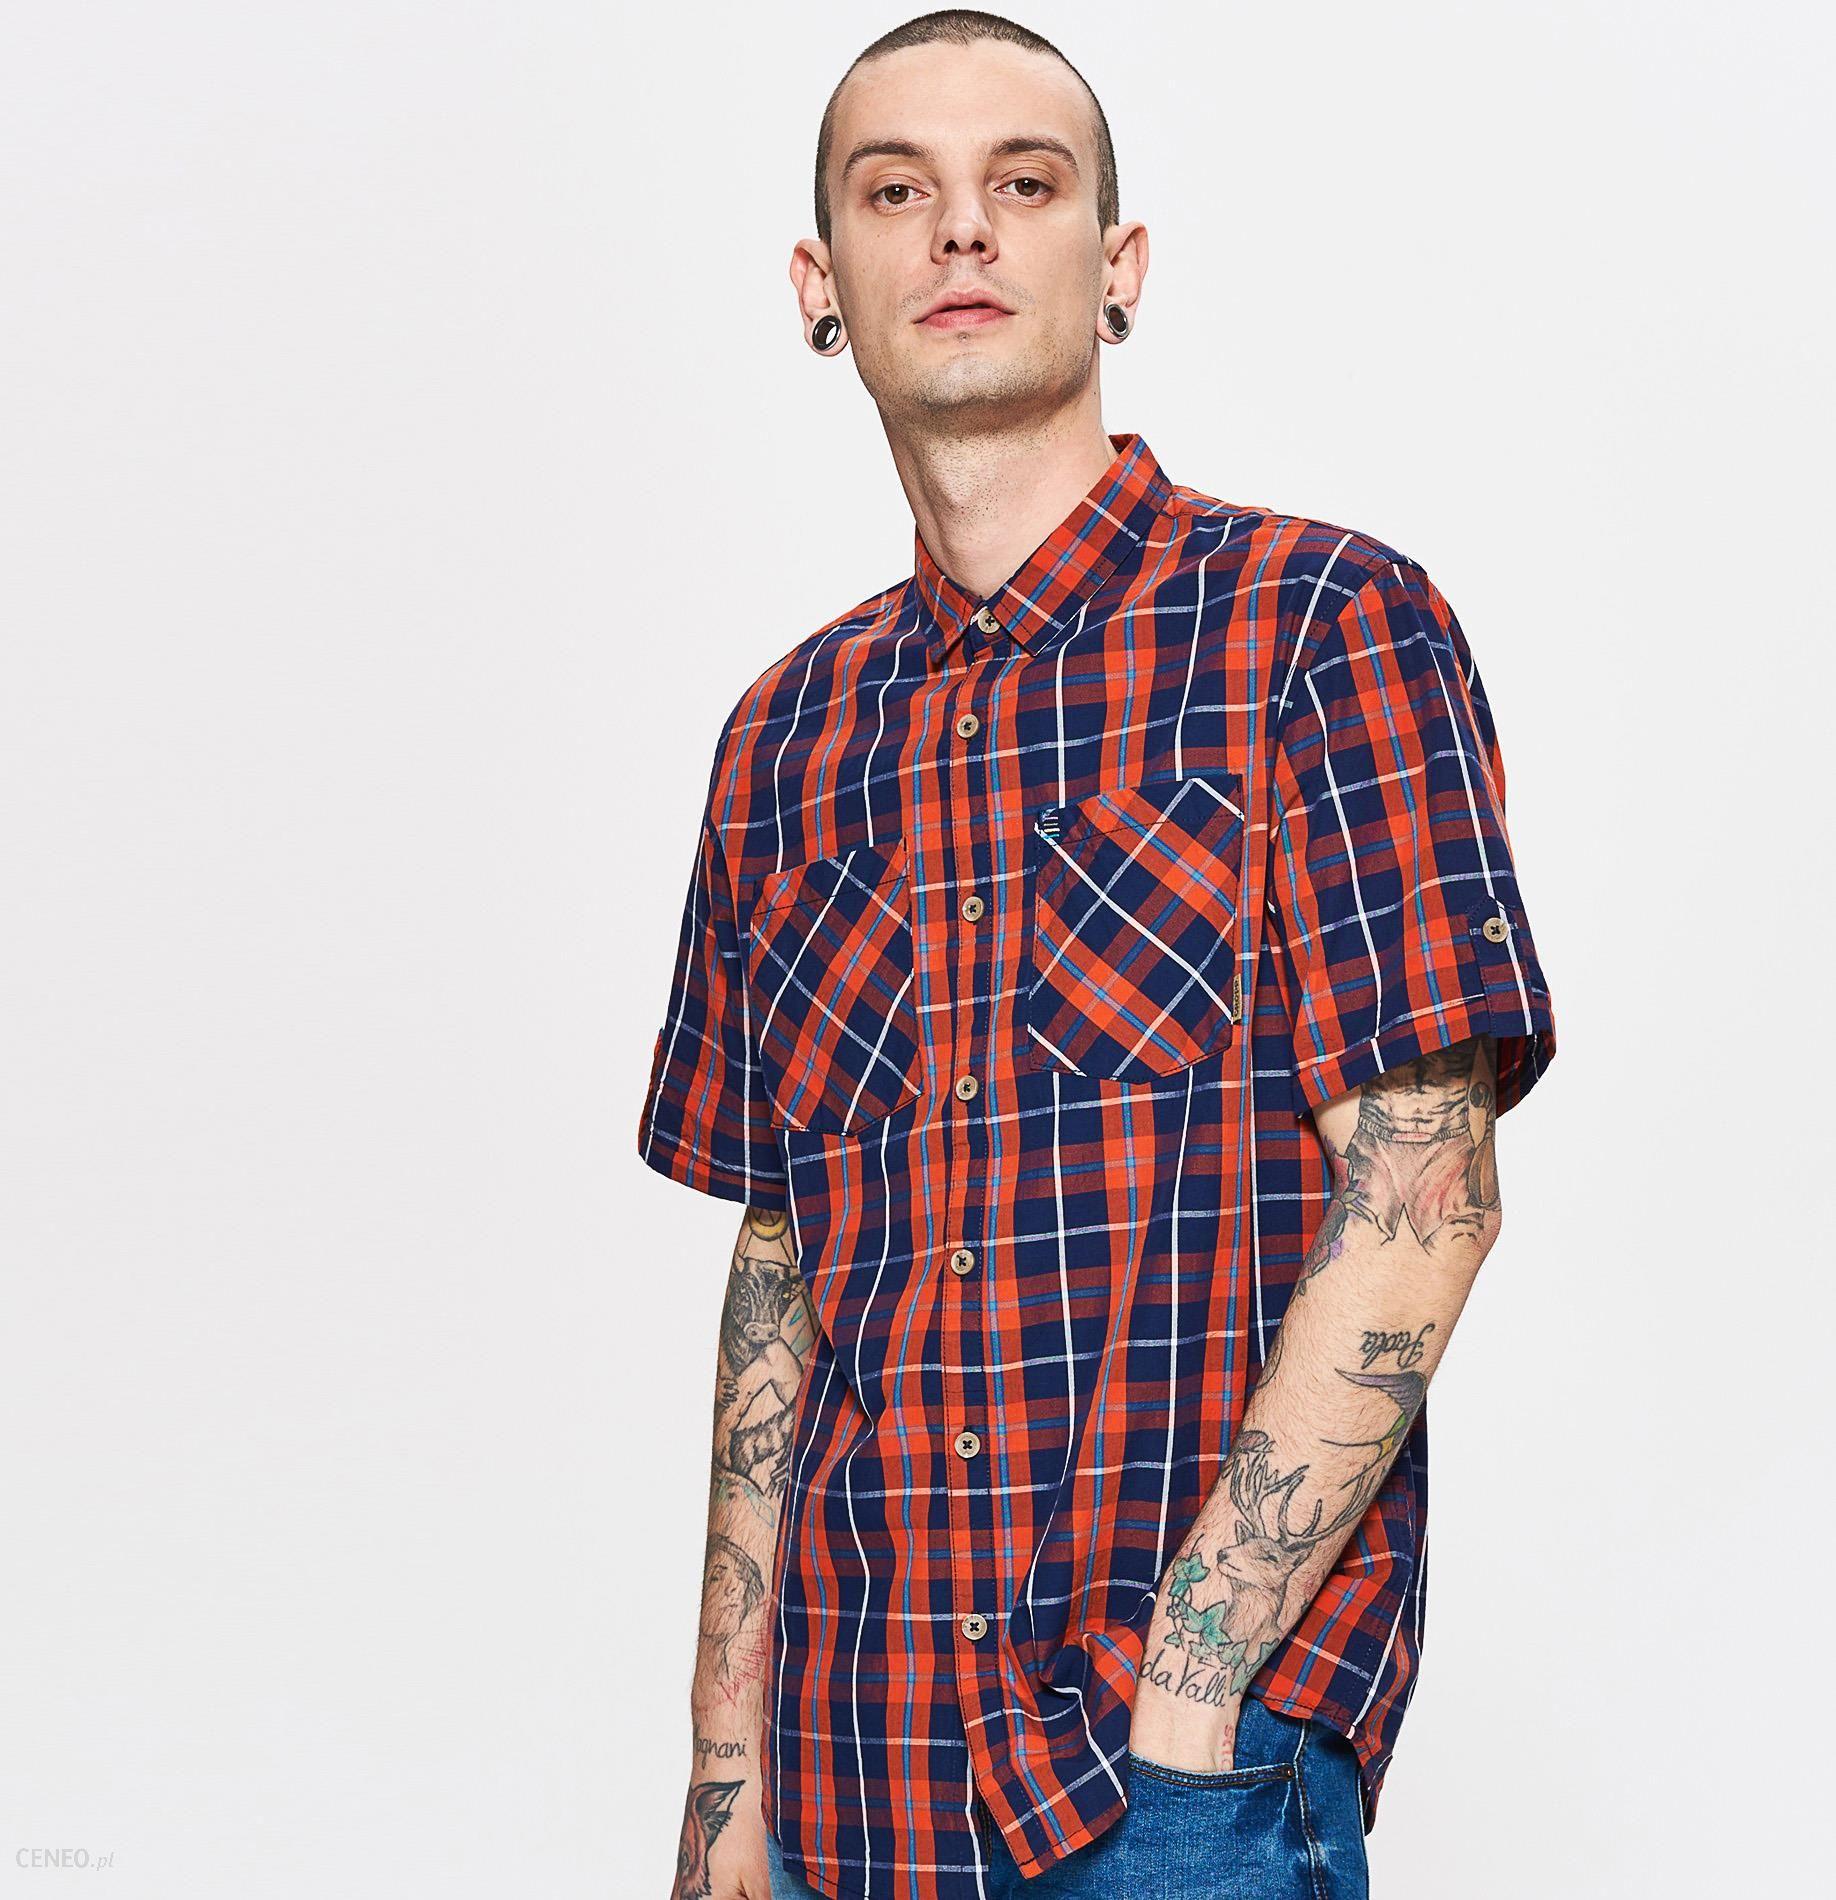 Cropp Koszula w kratę Pomarańczowy Ceny i opinie  8bKpL